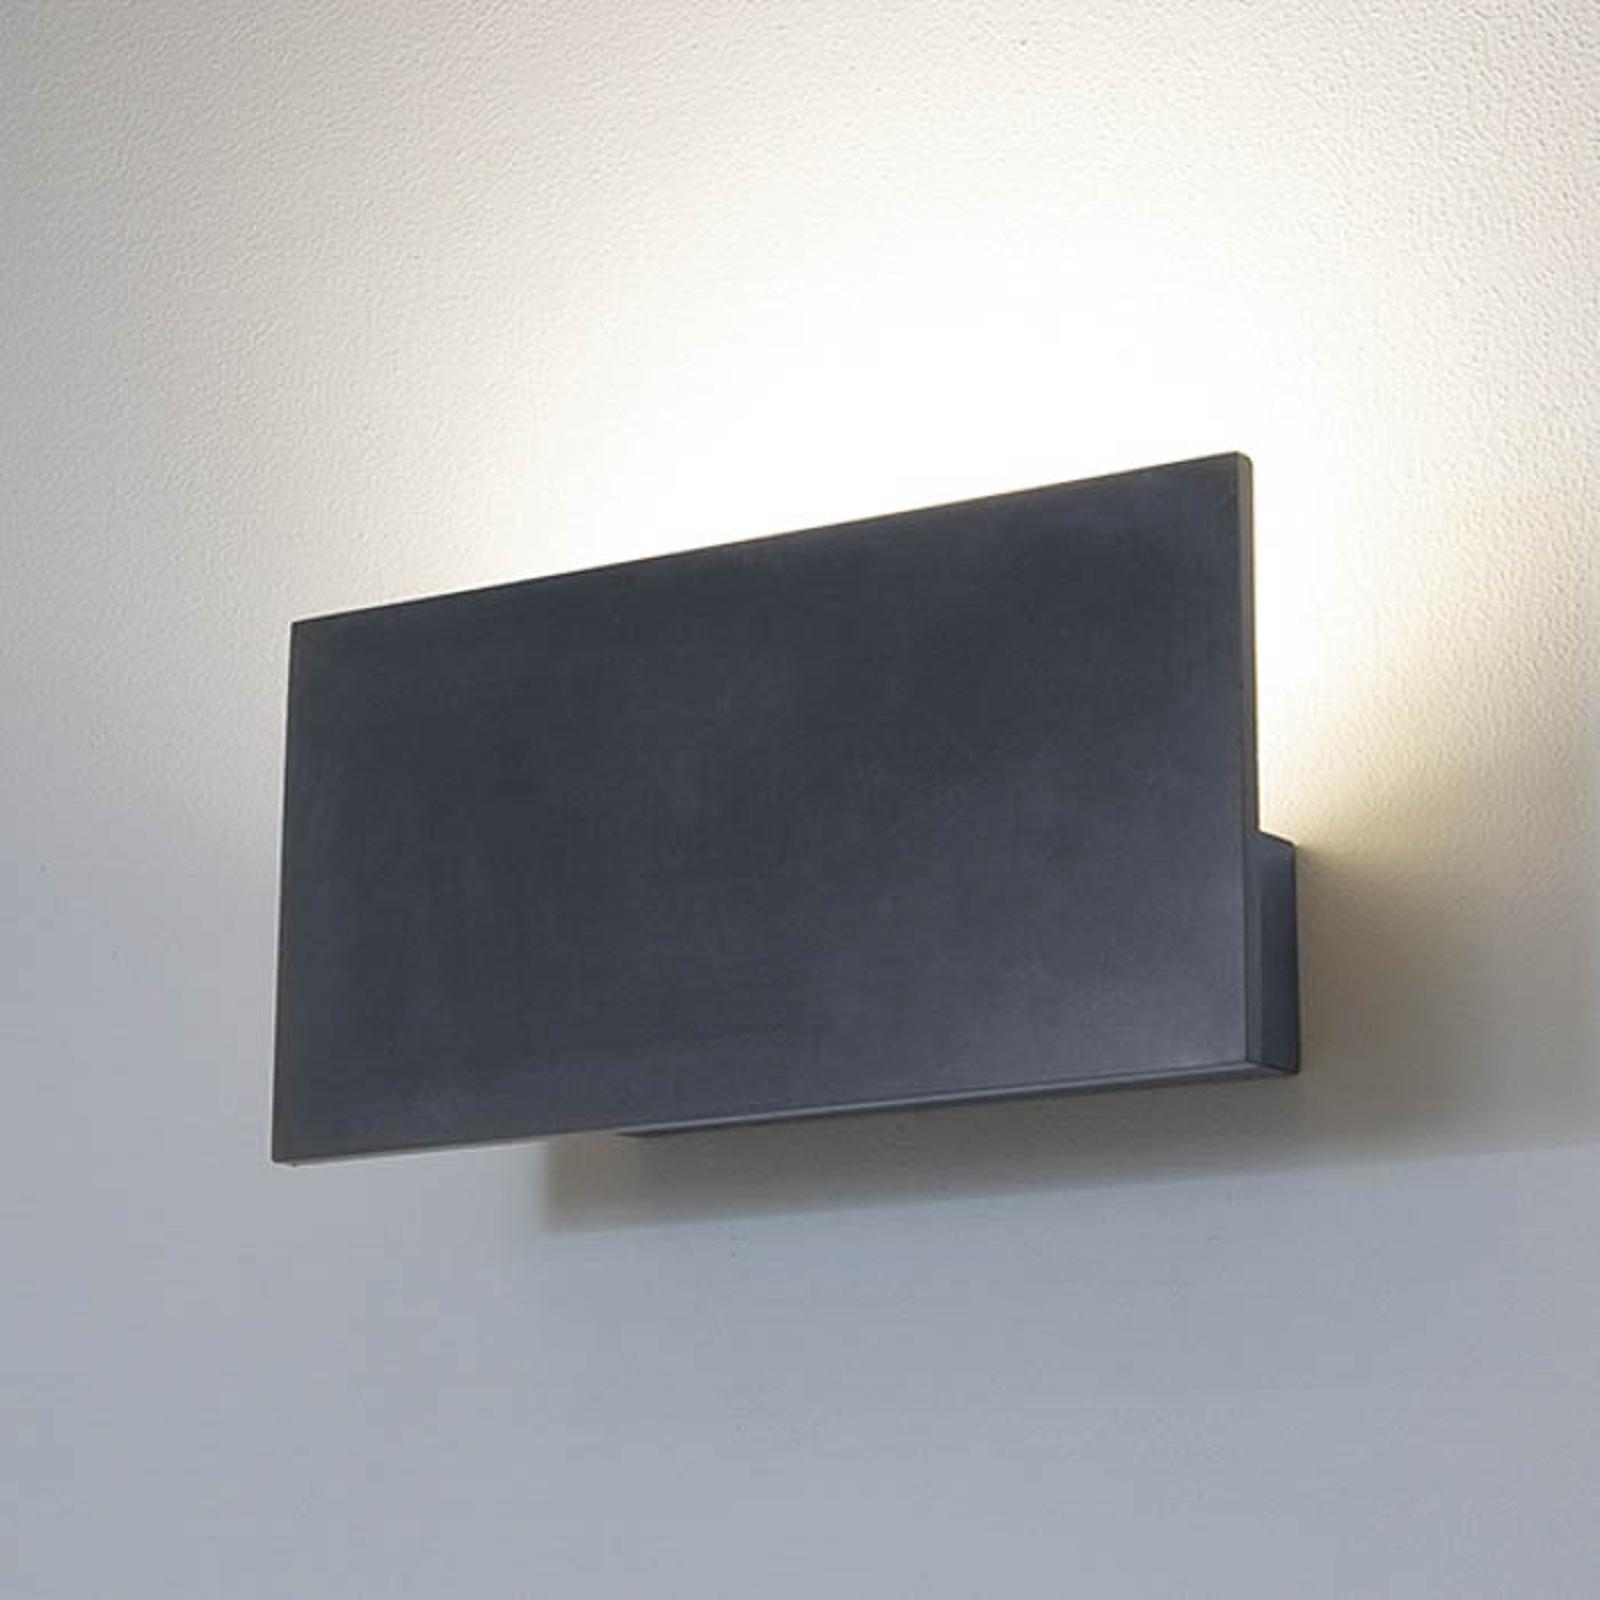 LED-Außenwandleuchte 1090 mit Blende, schwarz